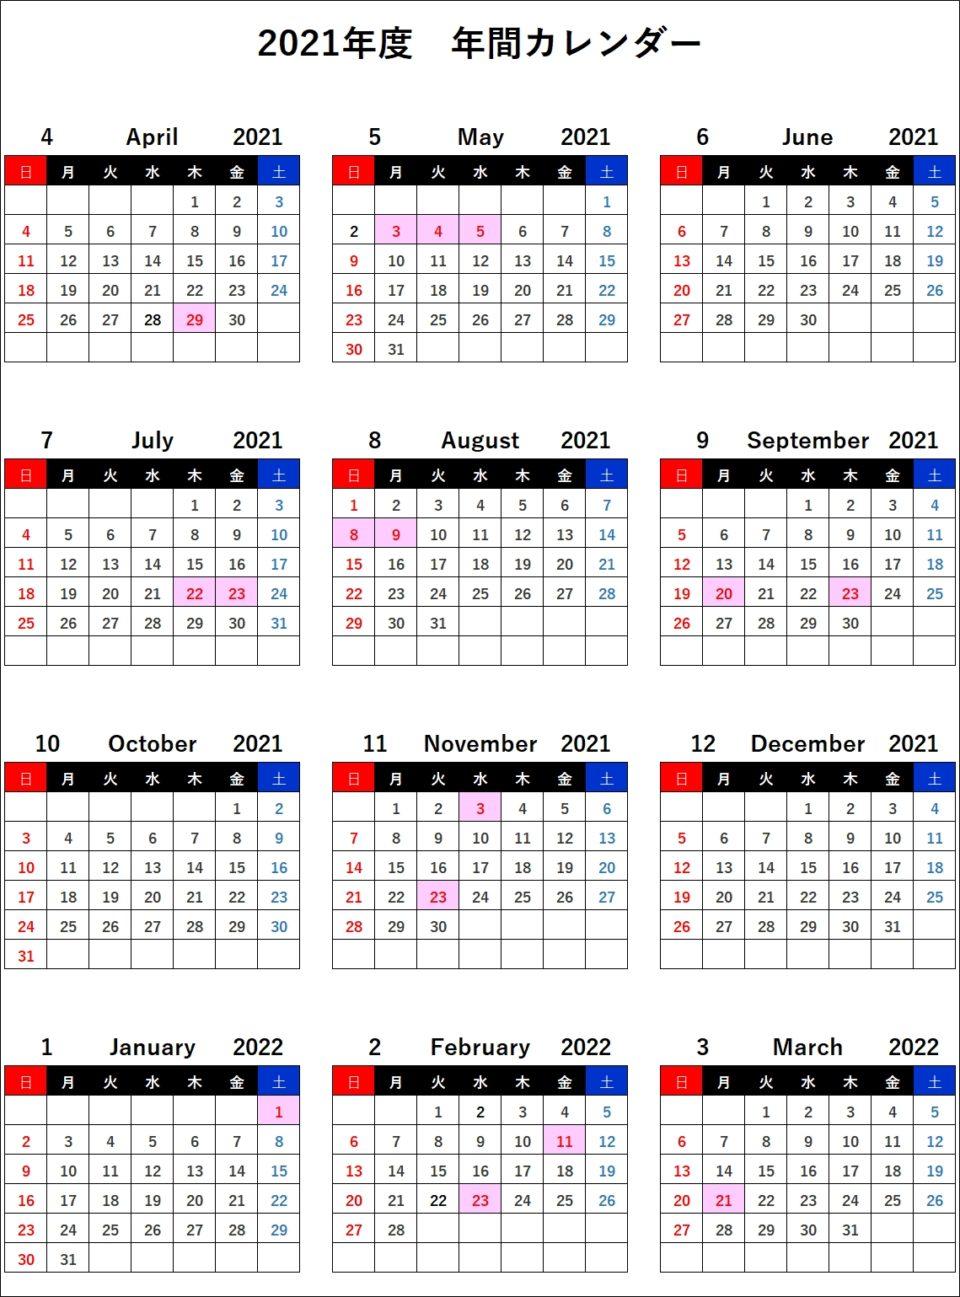 2021年度 年間カレンダー イメージ画像